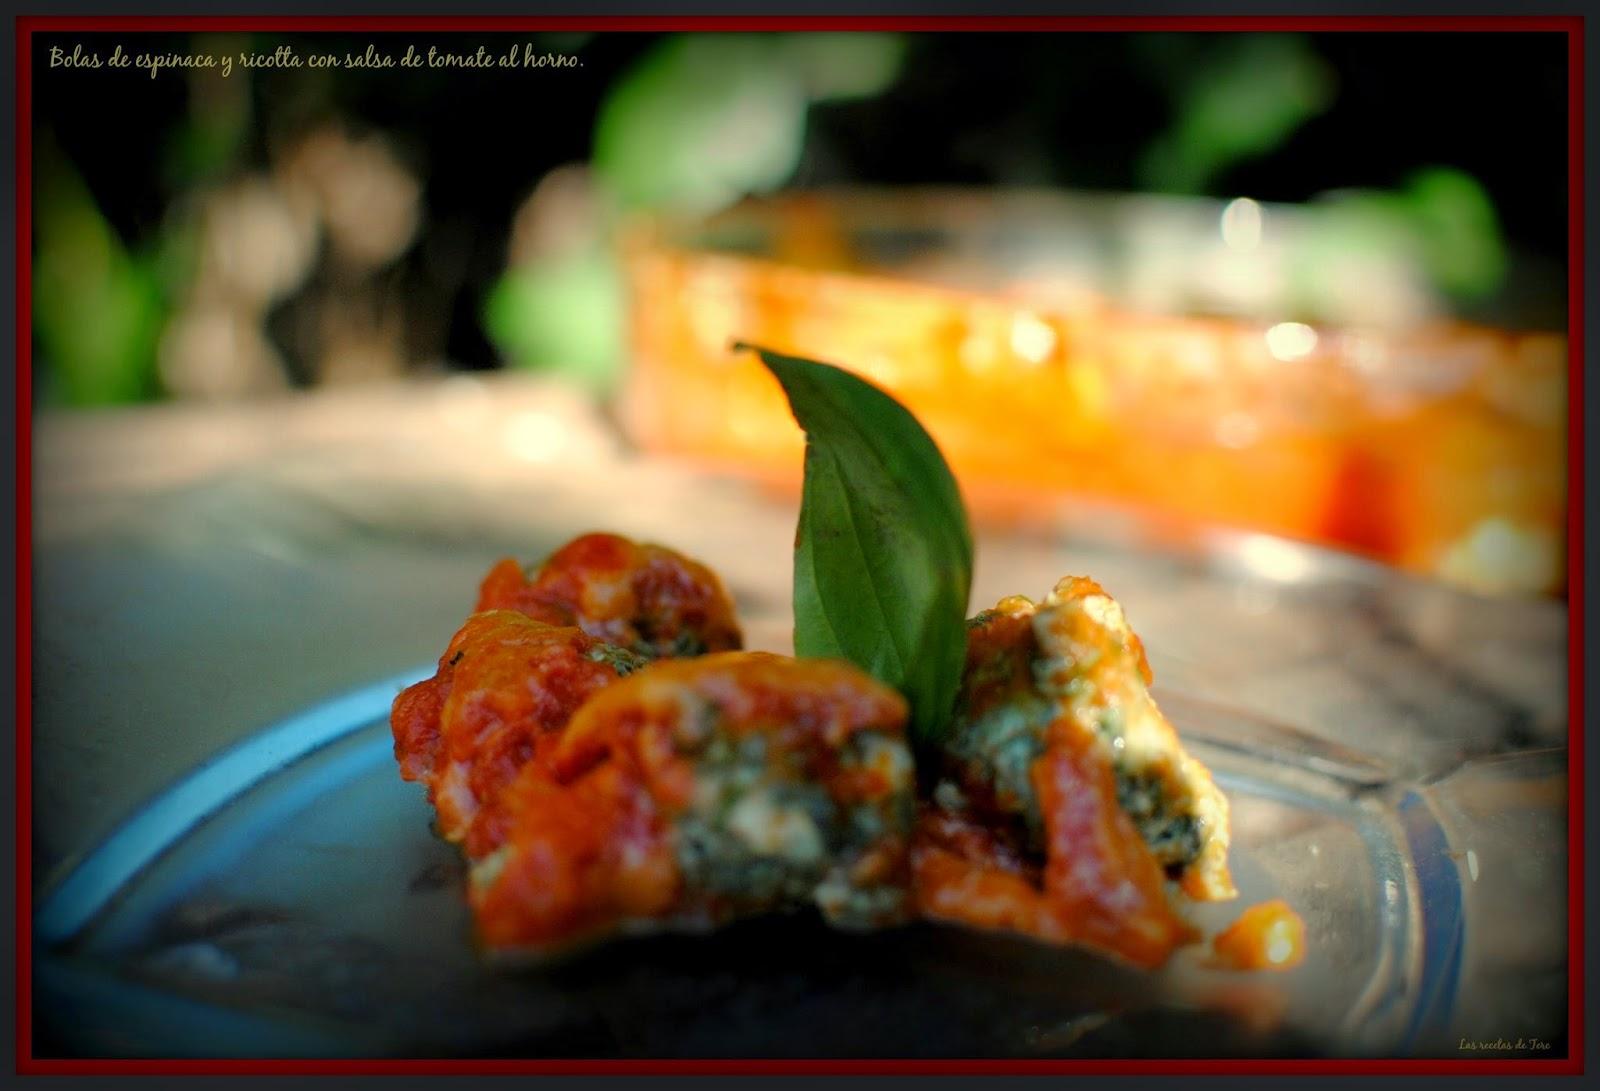 bolas de espinaca y ricotta con salsa de tomate al horno tererecetas 04